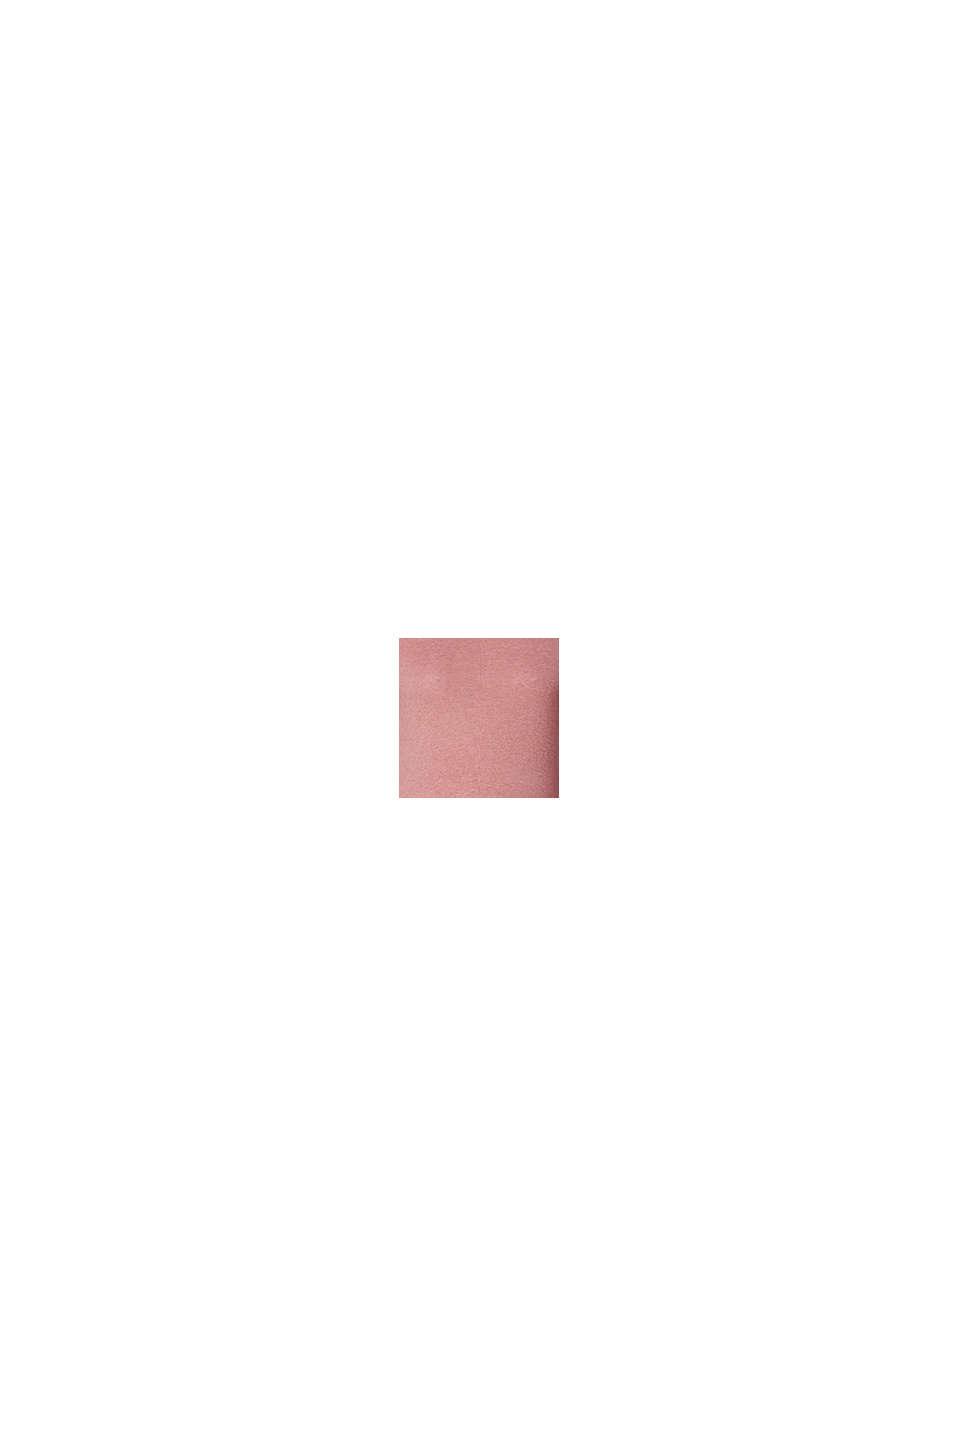 Pullover i finmasket strik med sideslidser, ROSE SCENT, swatch